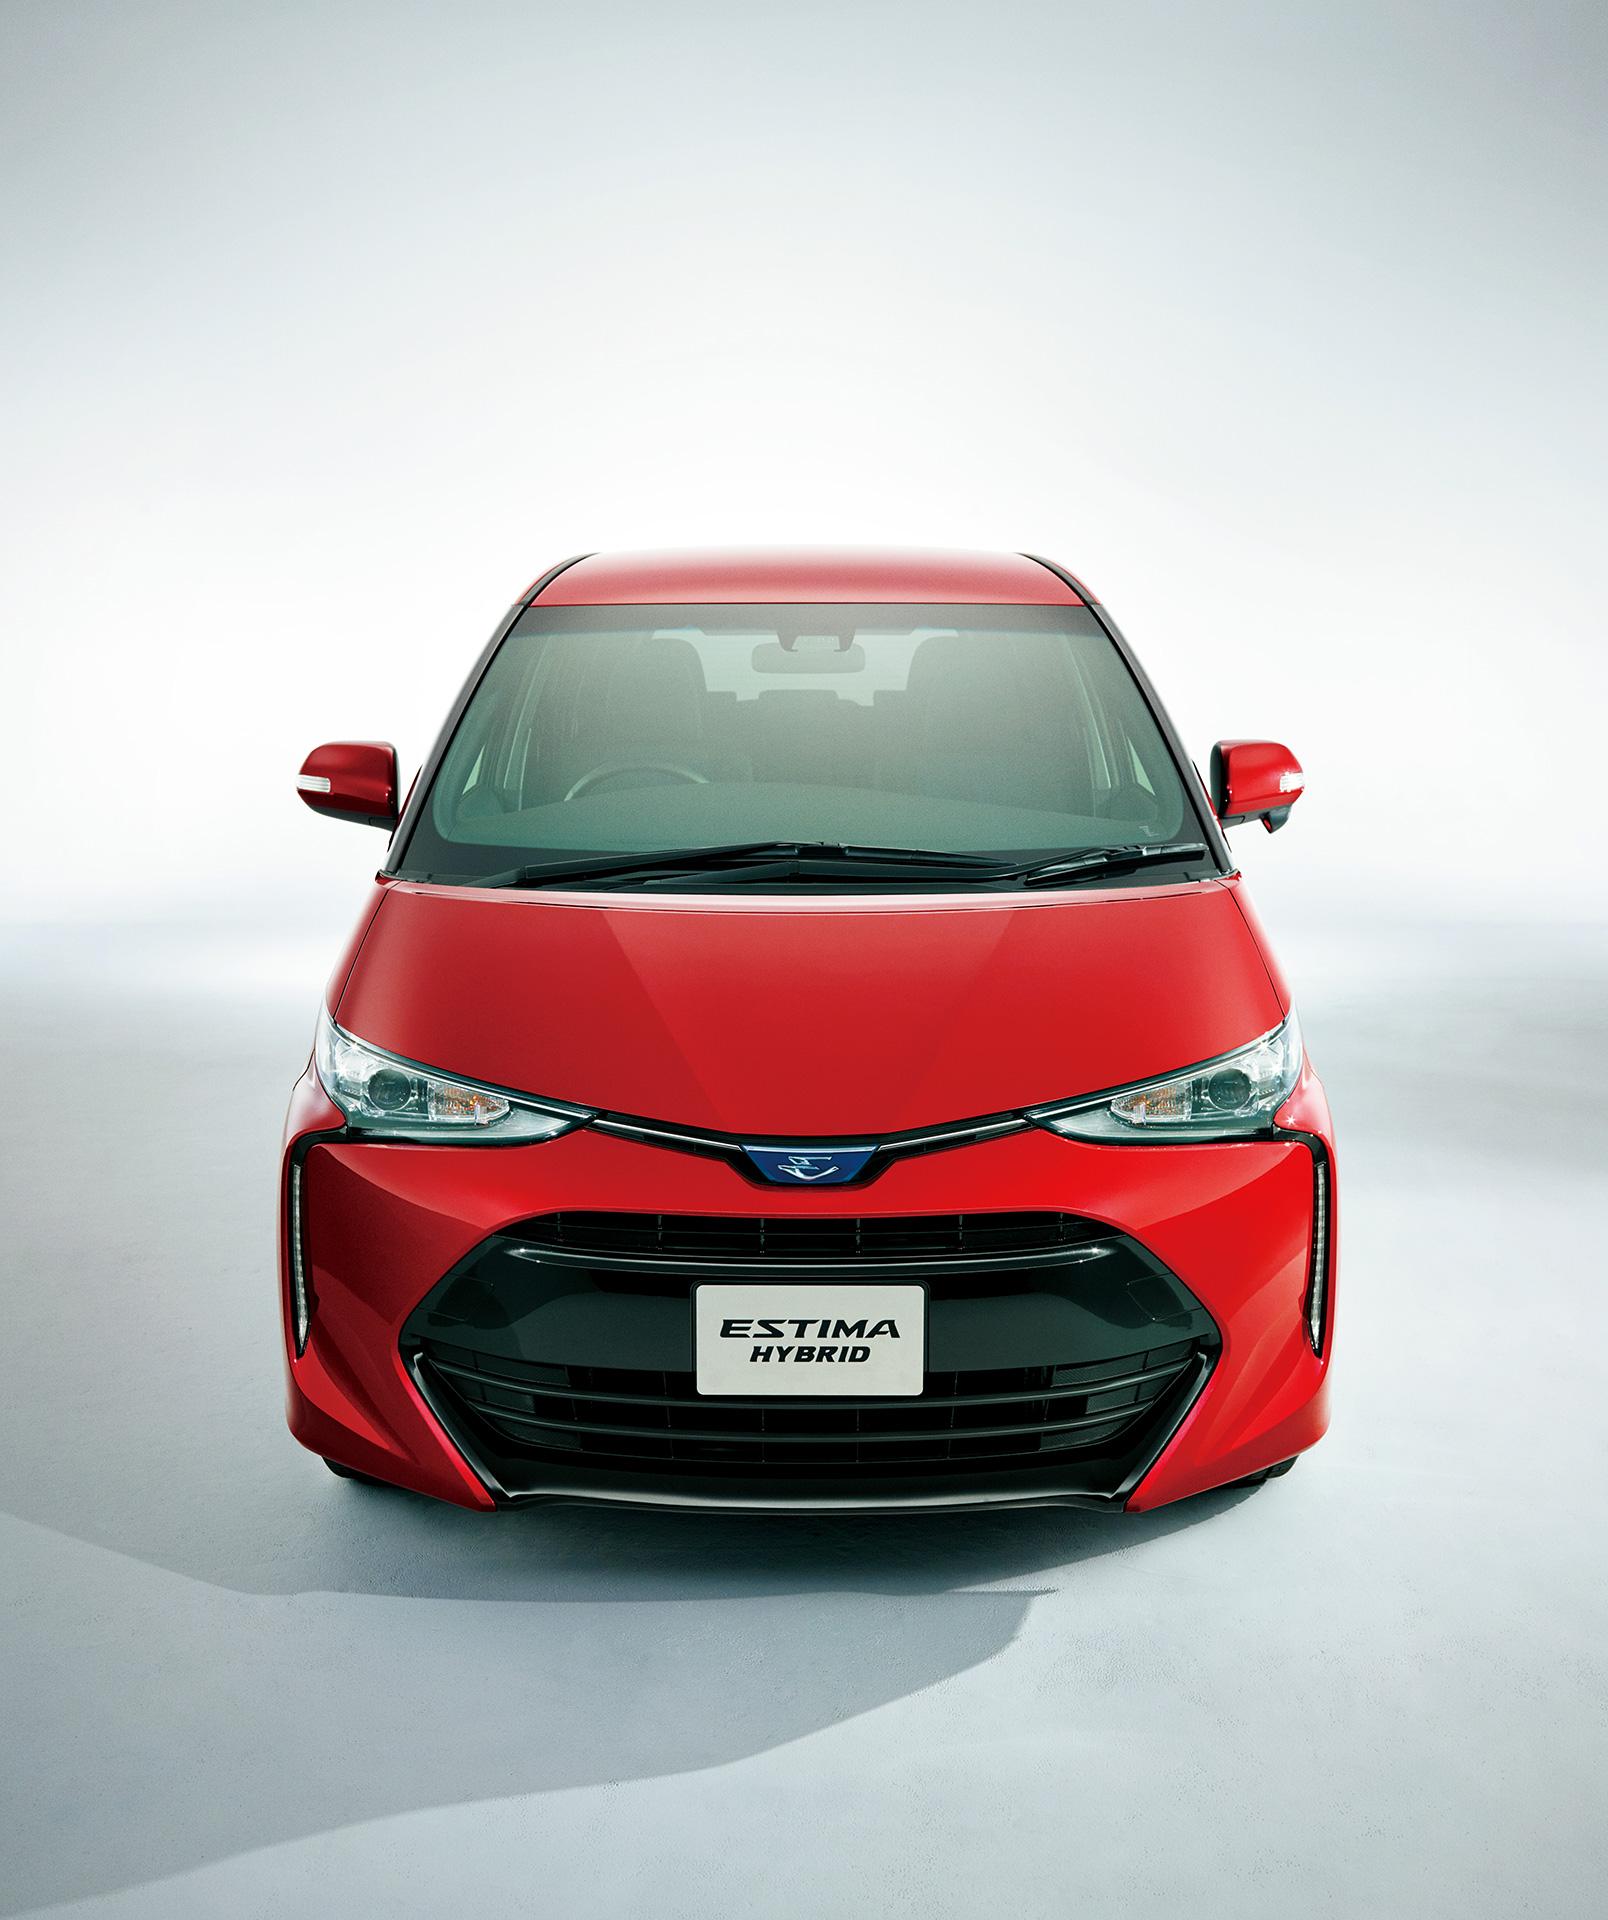 Toyota Hybrid 2016: 2016 Toyota Estima Hybrid (facelift) Front